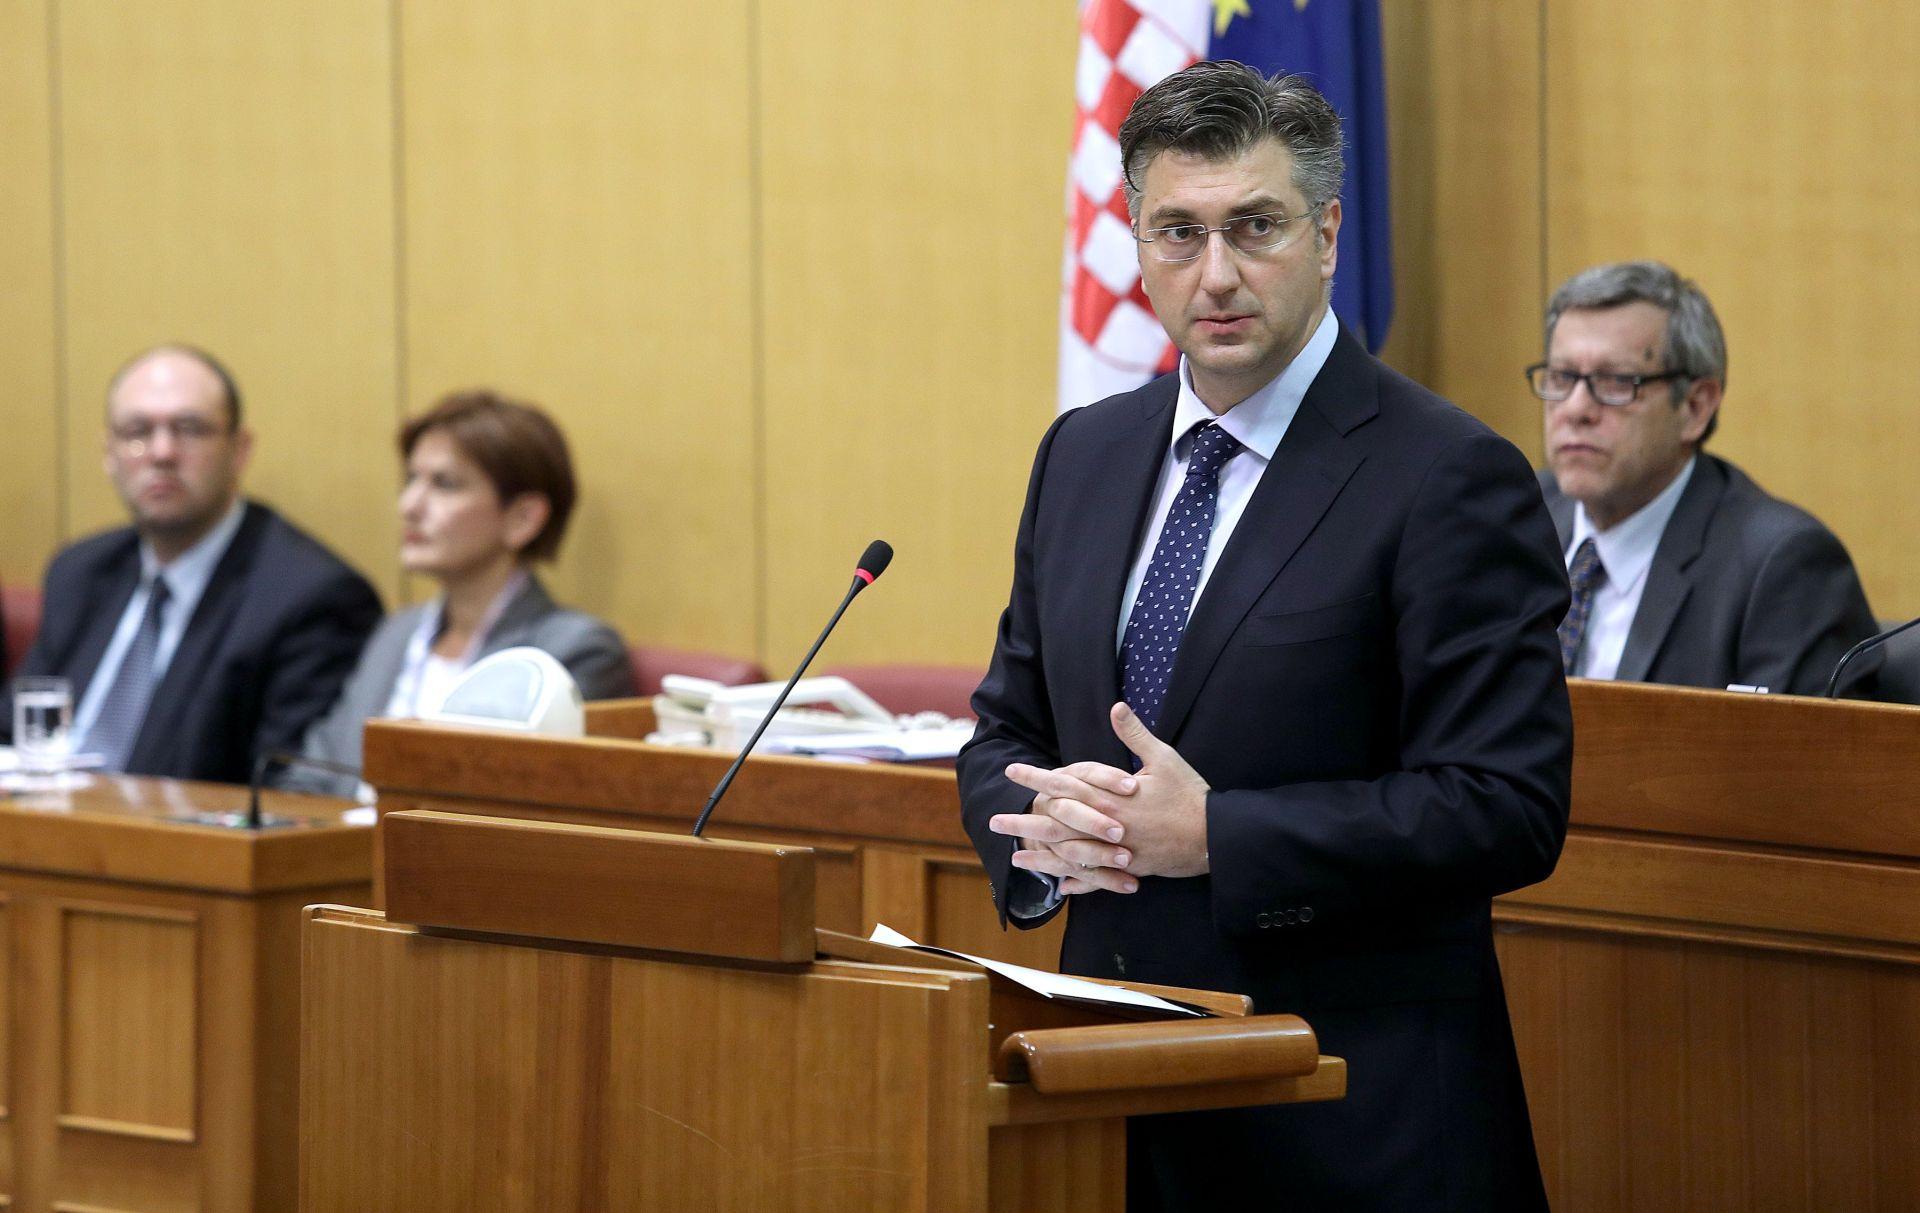 Plenković kaže da blokadu poglavlja Srbiji ne treba dramatizirati